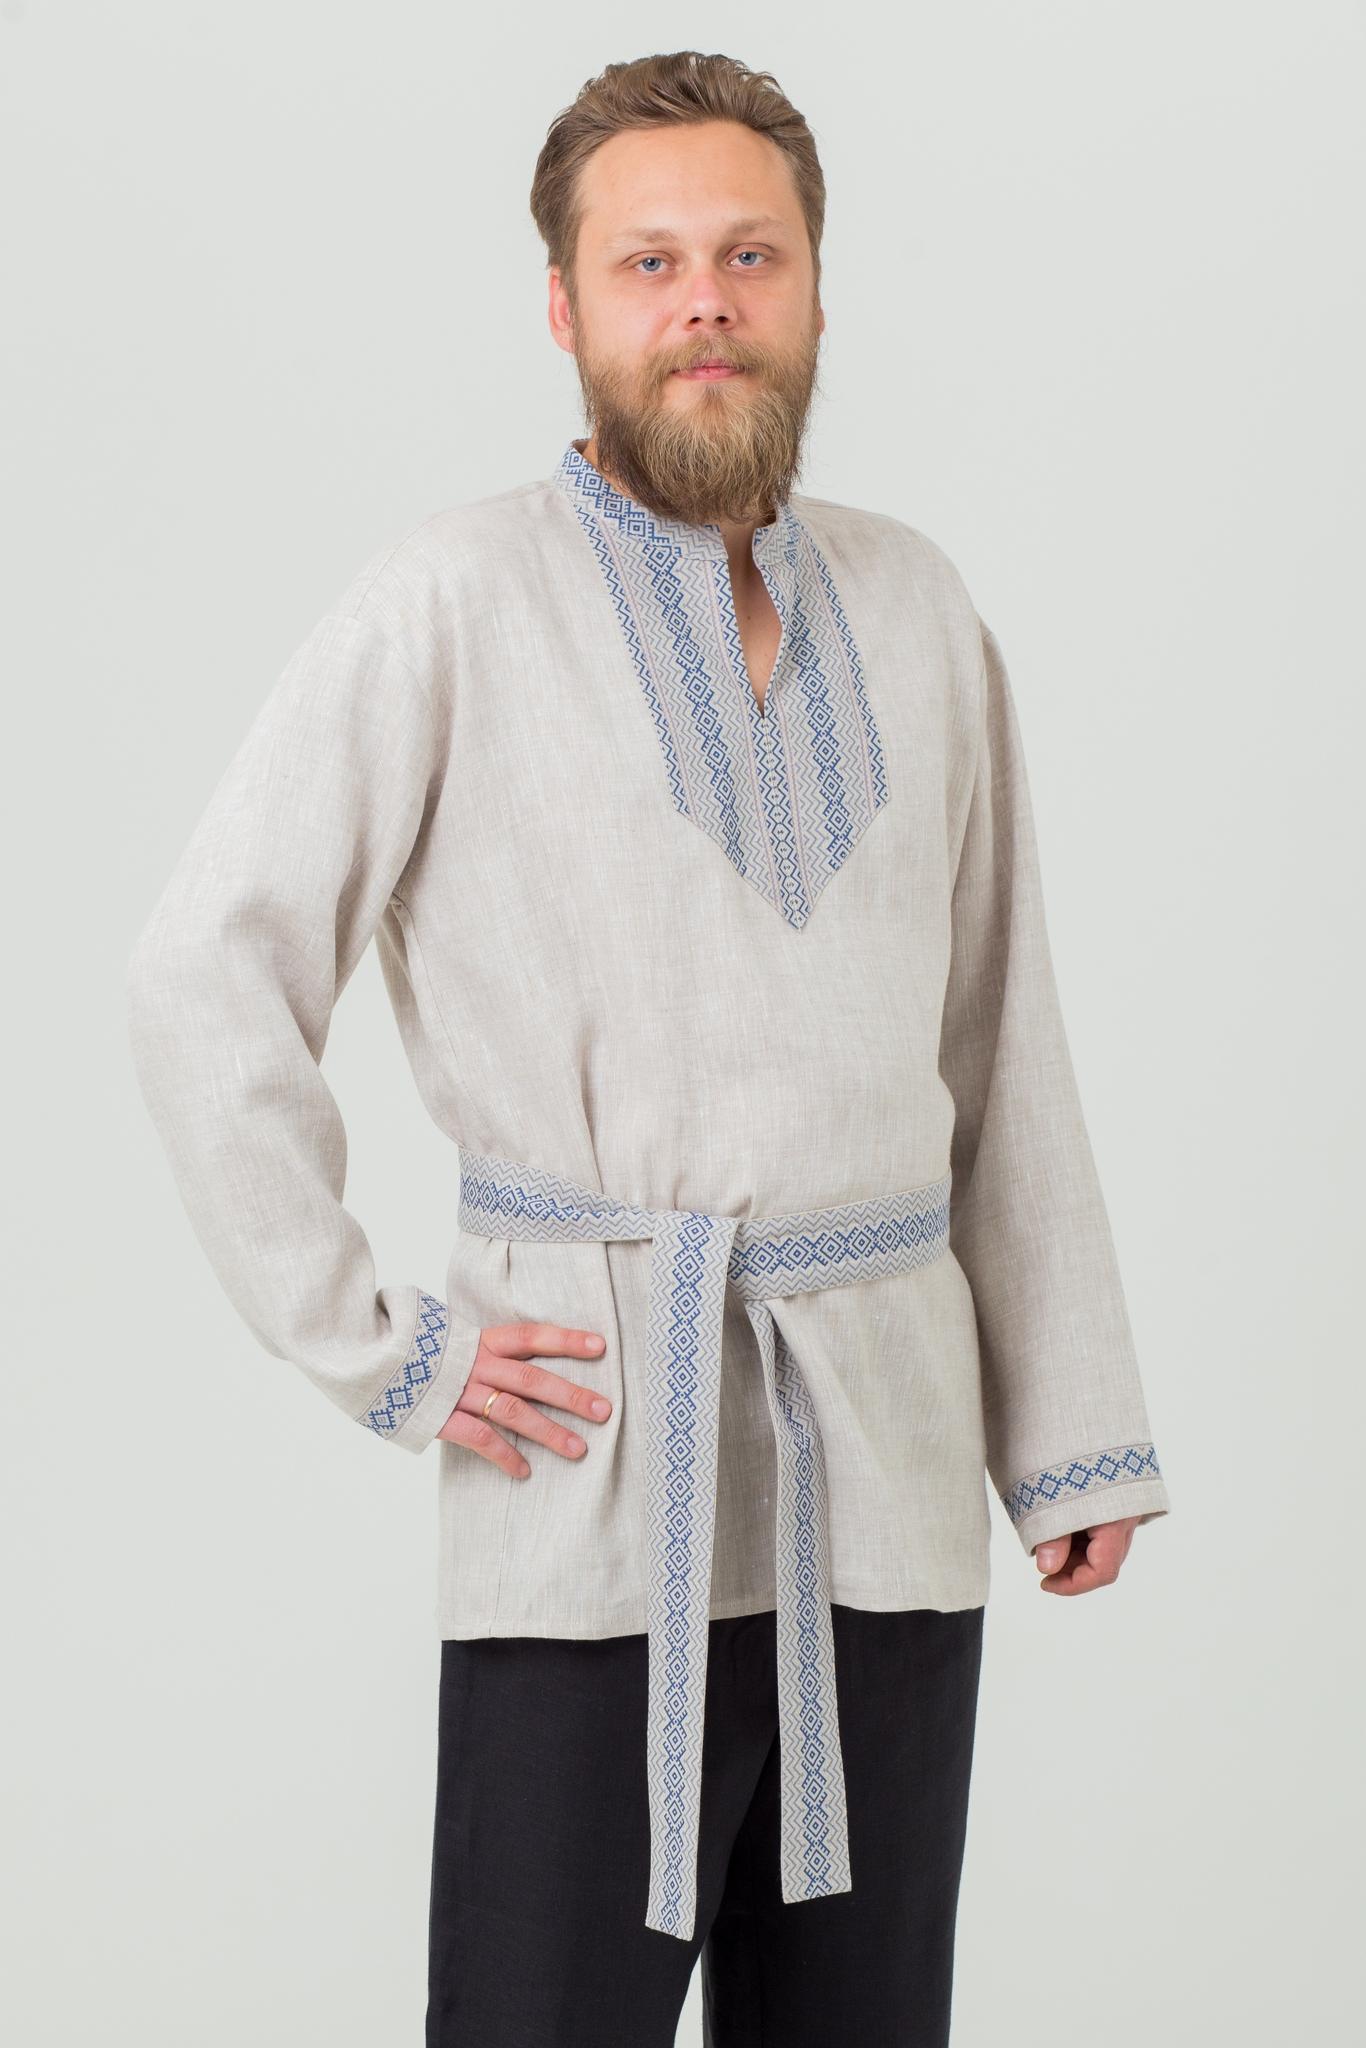 Мужская льняная рубаха Льняной дождь купить